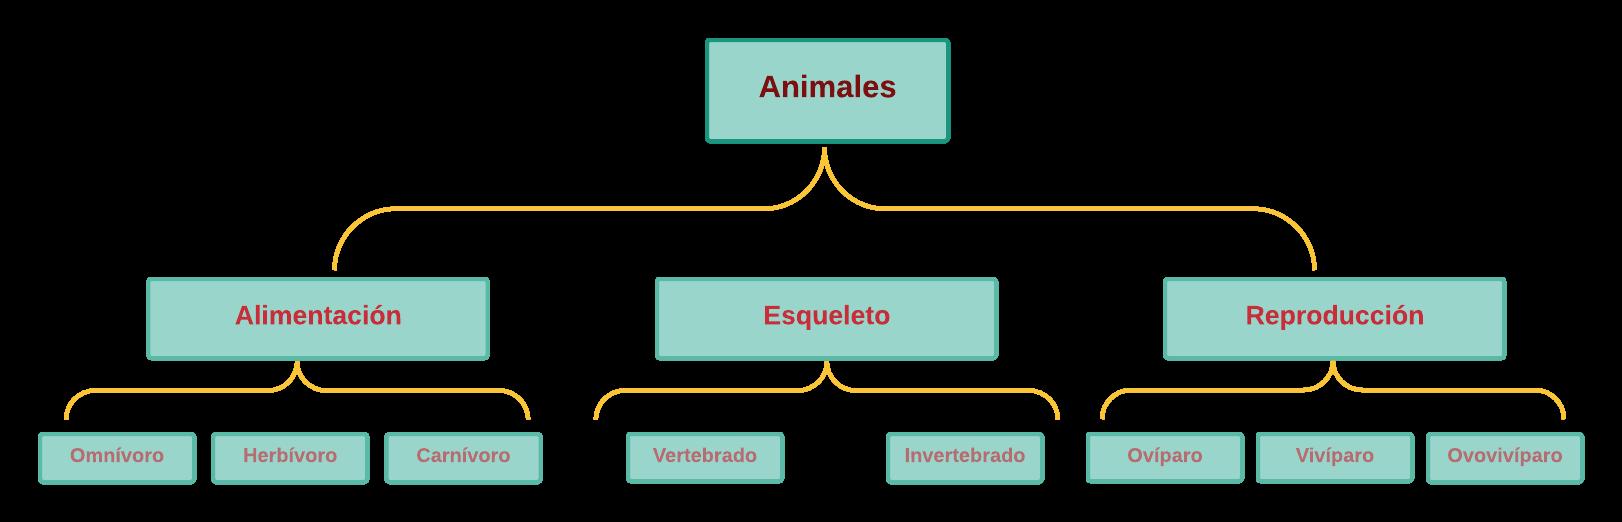 Cuadro Sinoptico de los Animales